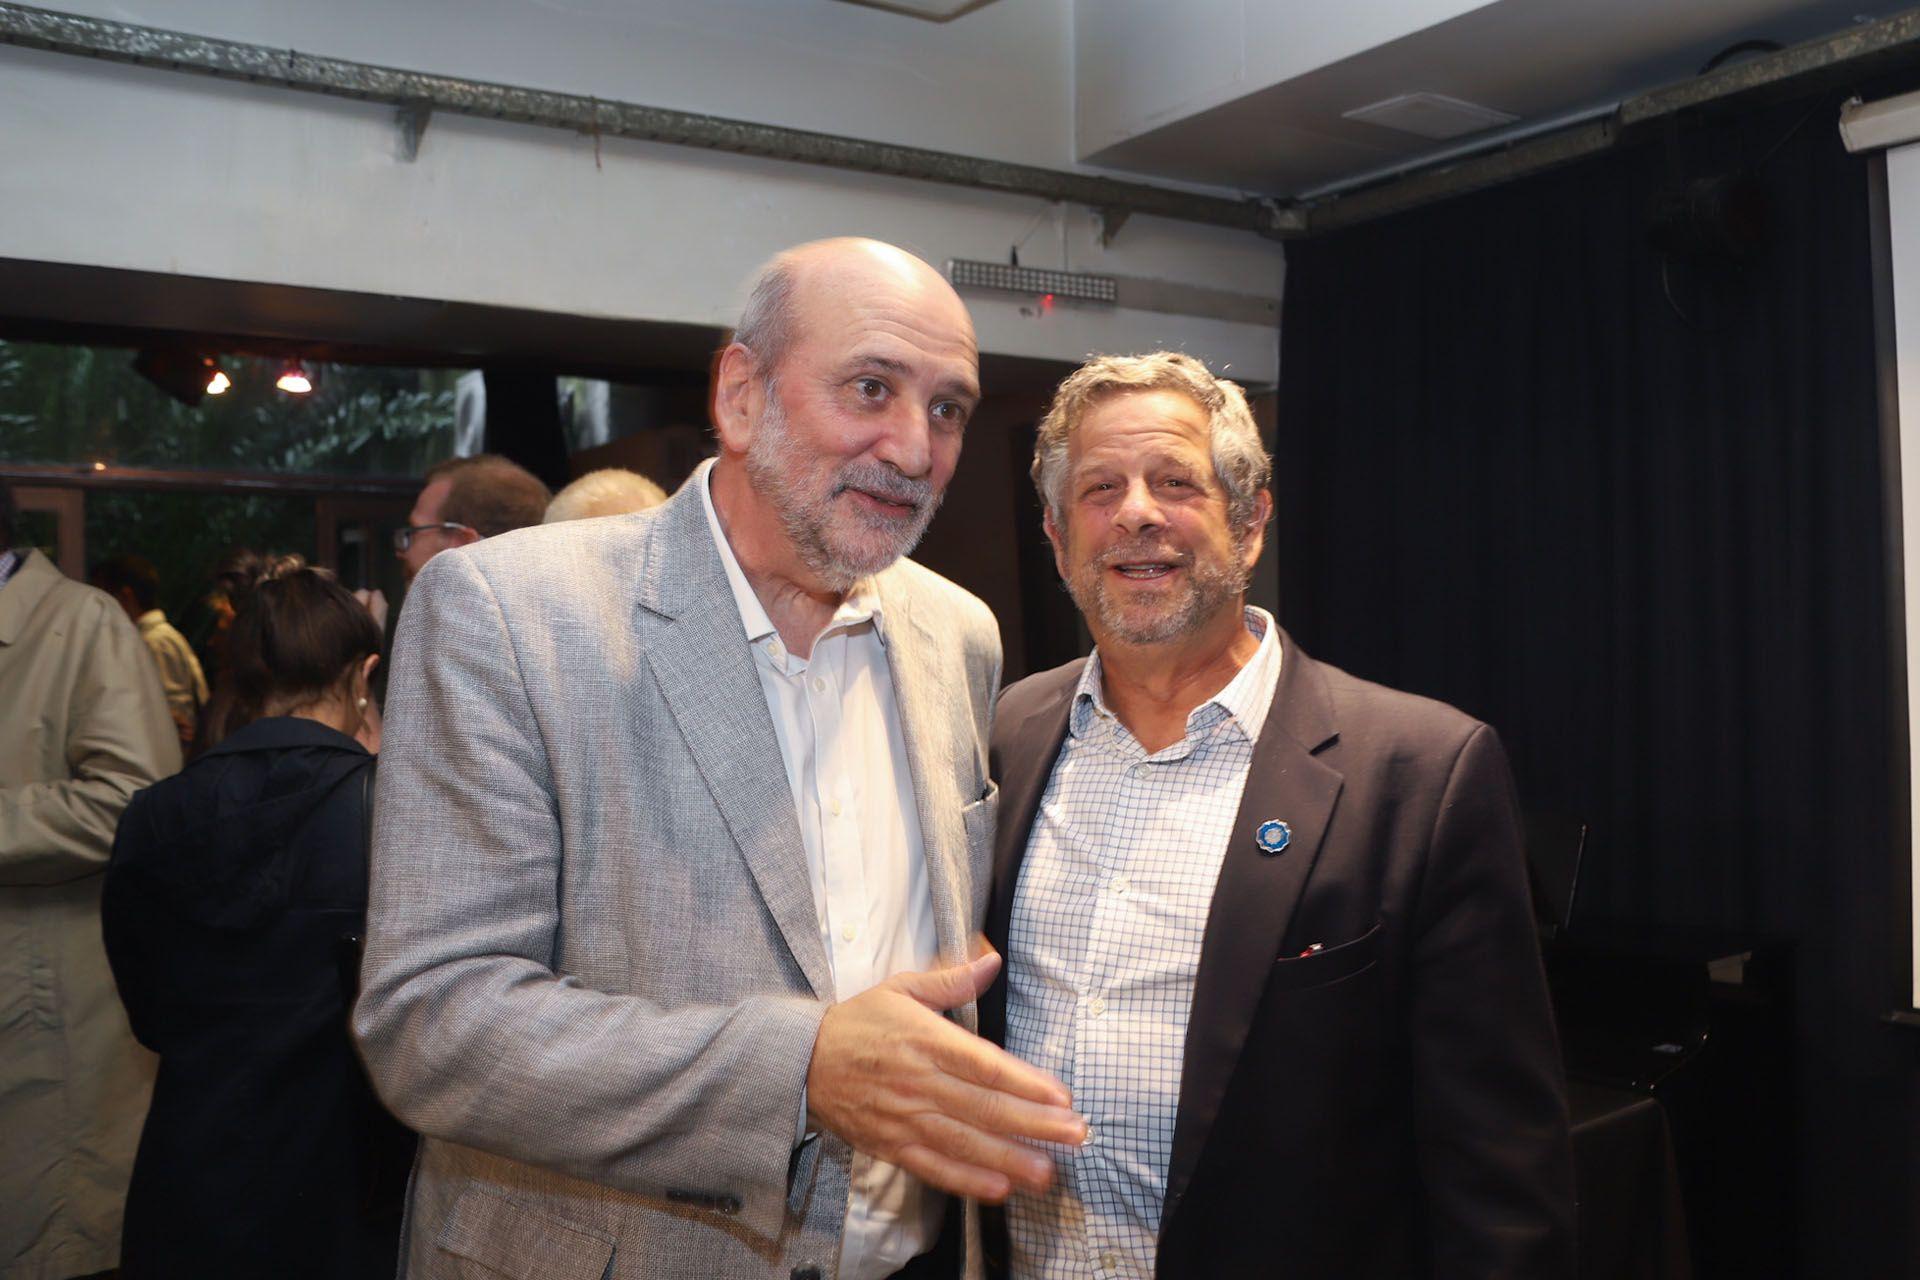 Jesús Rodríguez y Adolfo Rubinstein integran el sector de la UCR disidente de Capital